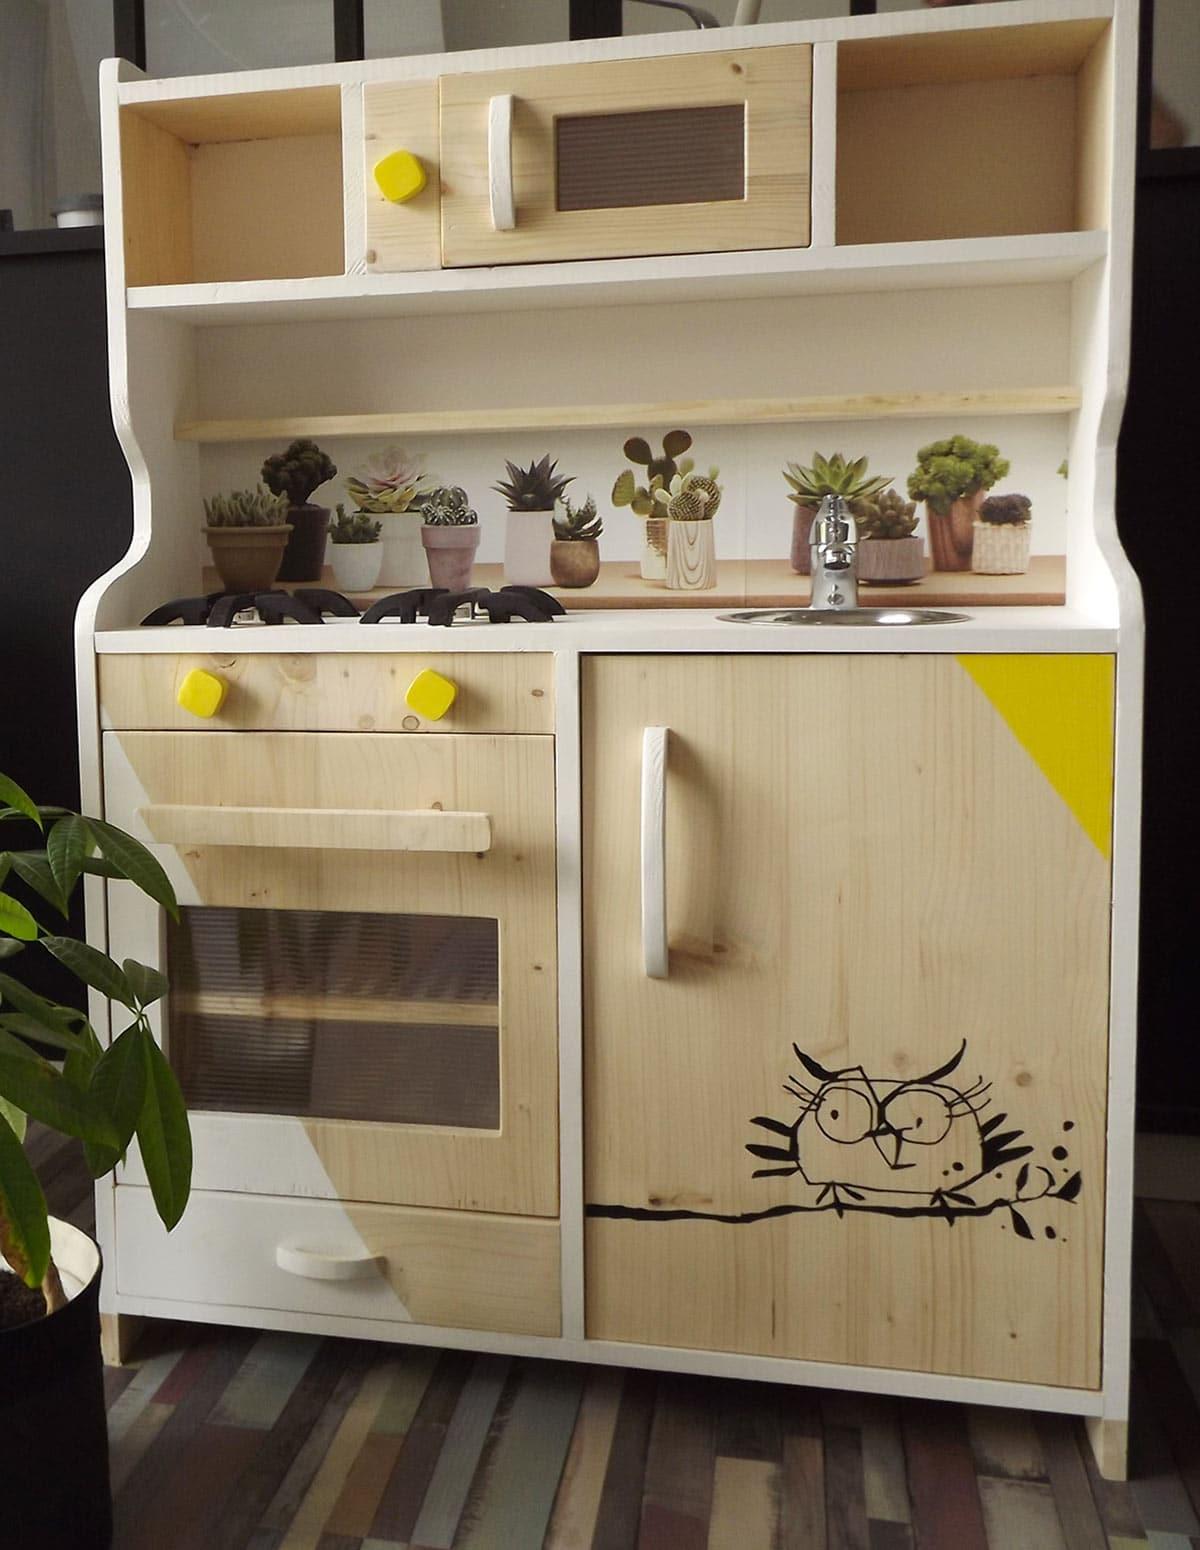 une cuisine en bois jouet ador des enfants chaque. Black Bedroom Furniture Sets. Home Design Ideas